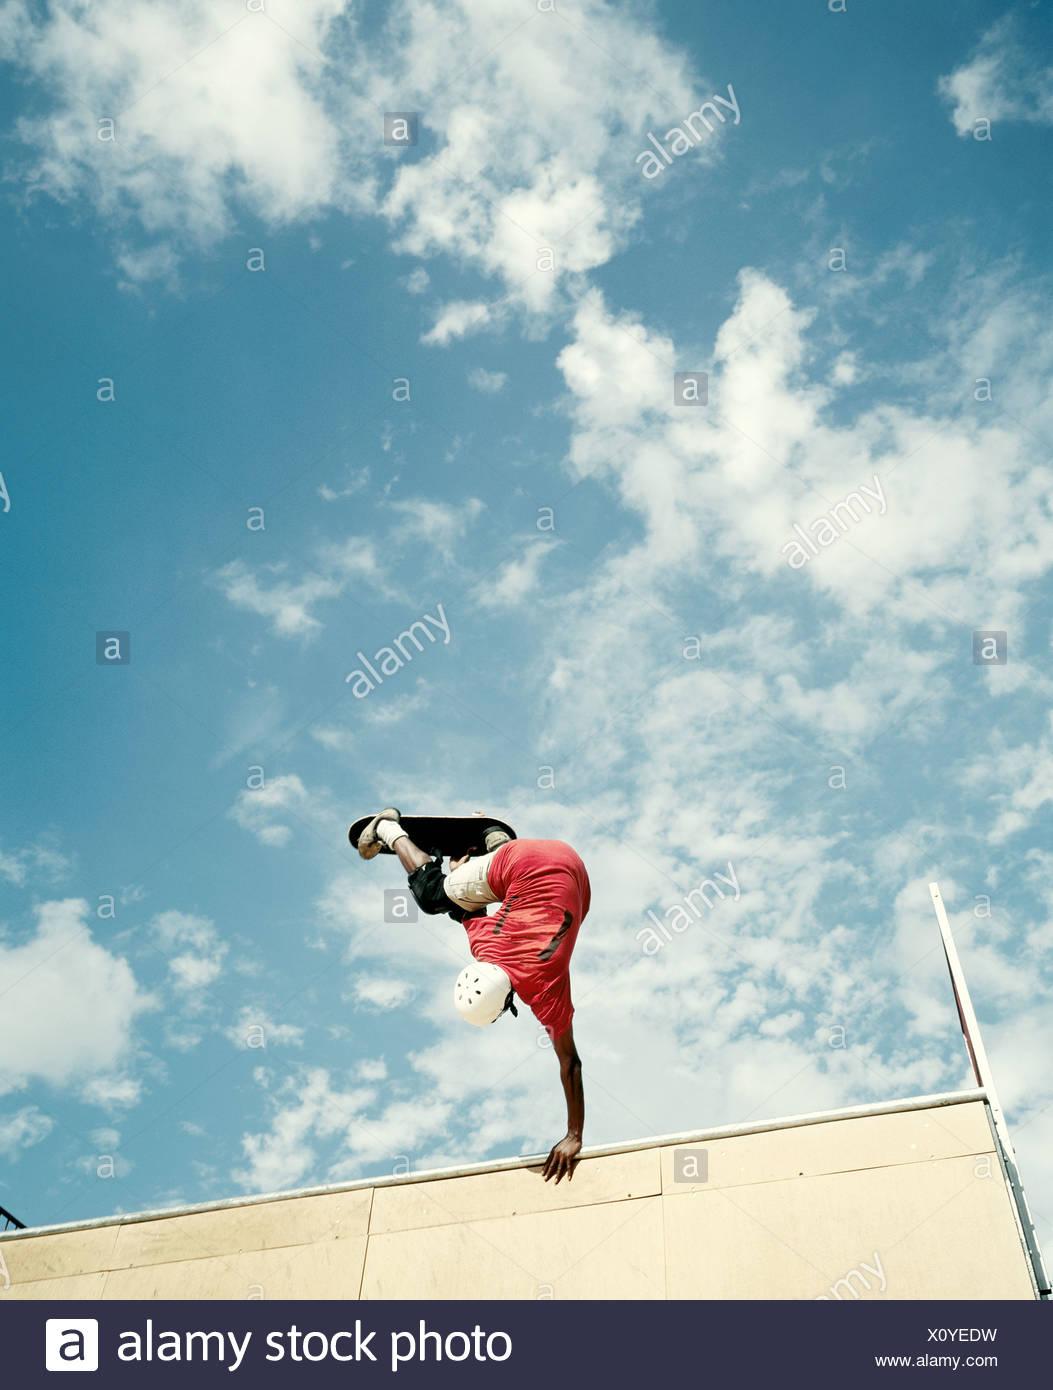 Junger Mann, skateboarding, niedrigen Winkel Ansicht Stockbild